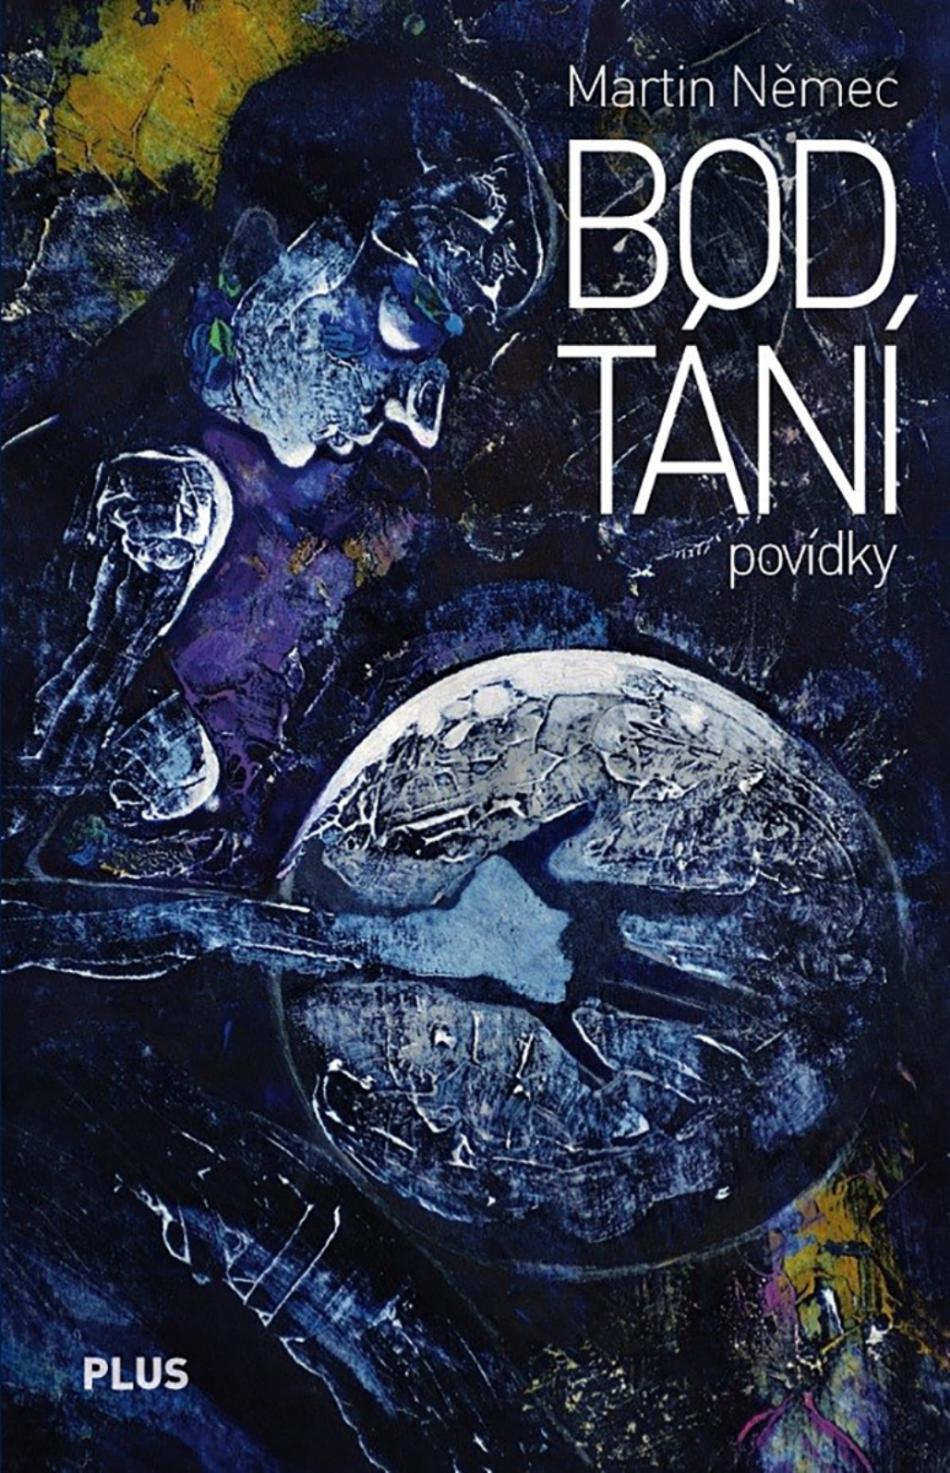 Obálku knihy navrhl Jan Dvořák s využitím obrazu Martina Němce Perlorodka